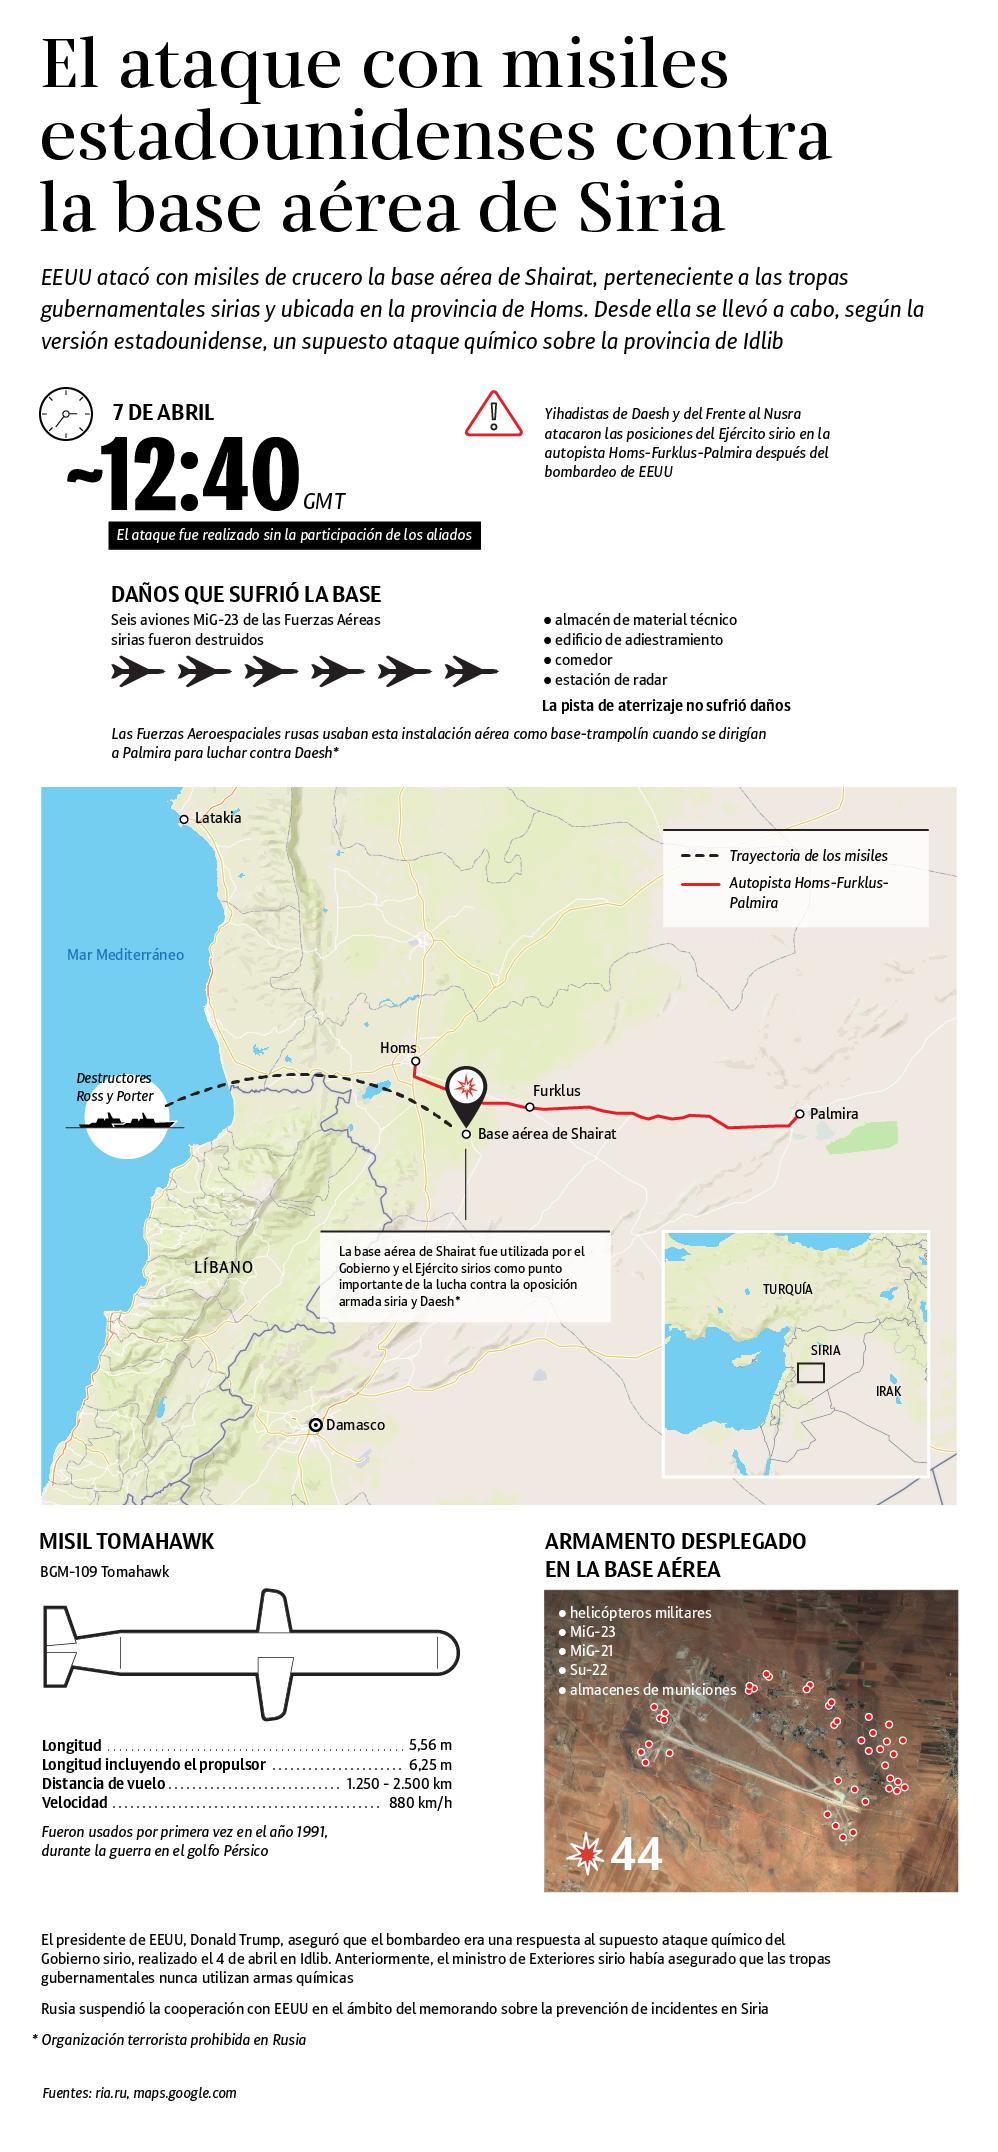 Los detalles del ataque con misiles Tomahawk de EEUU contra la base aérea siria